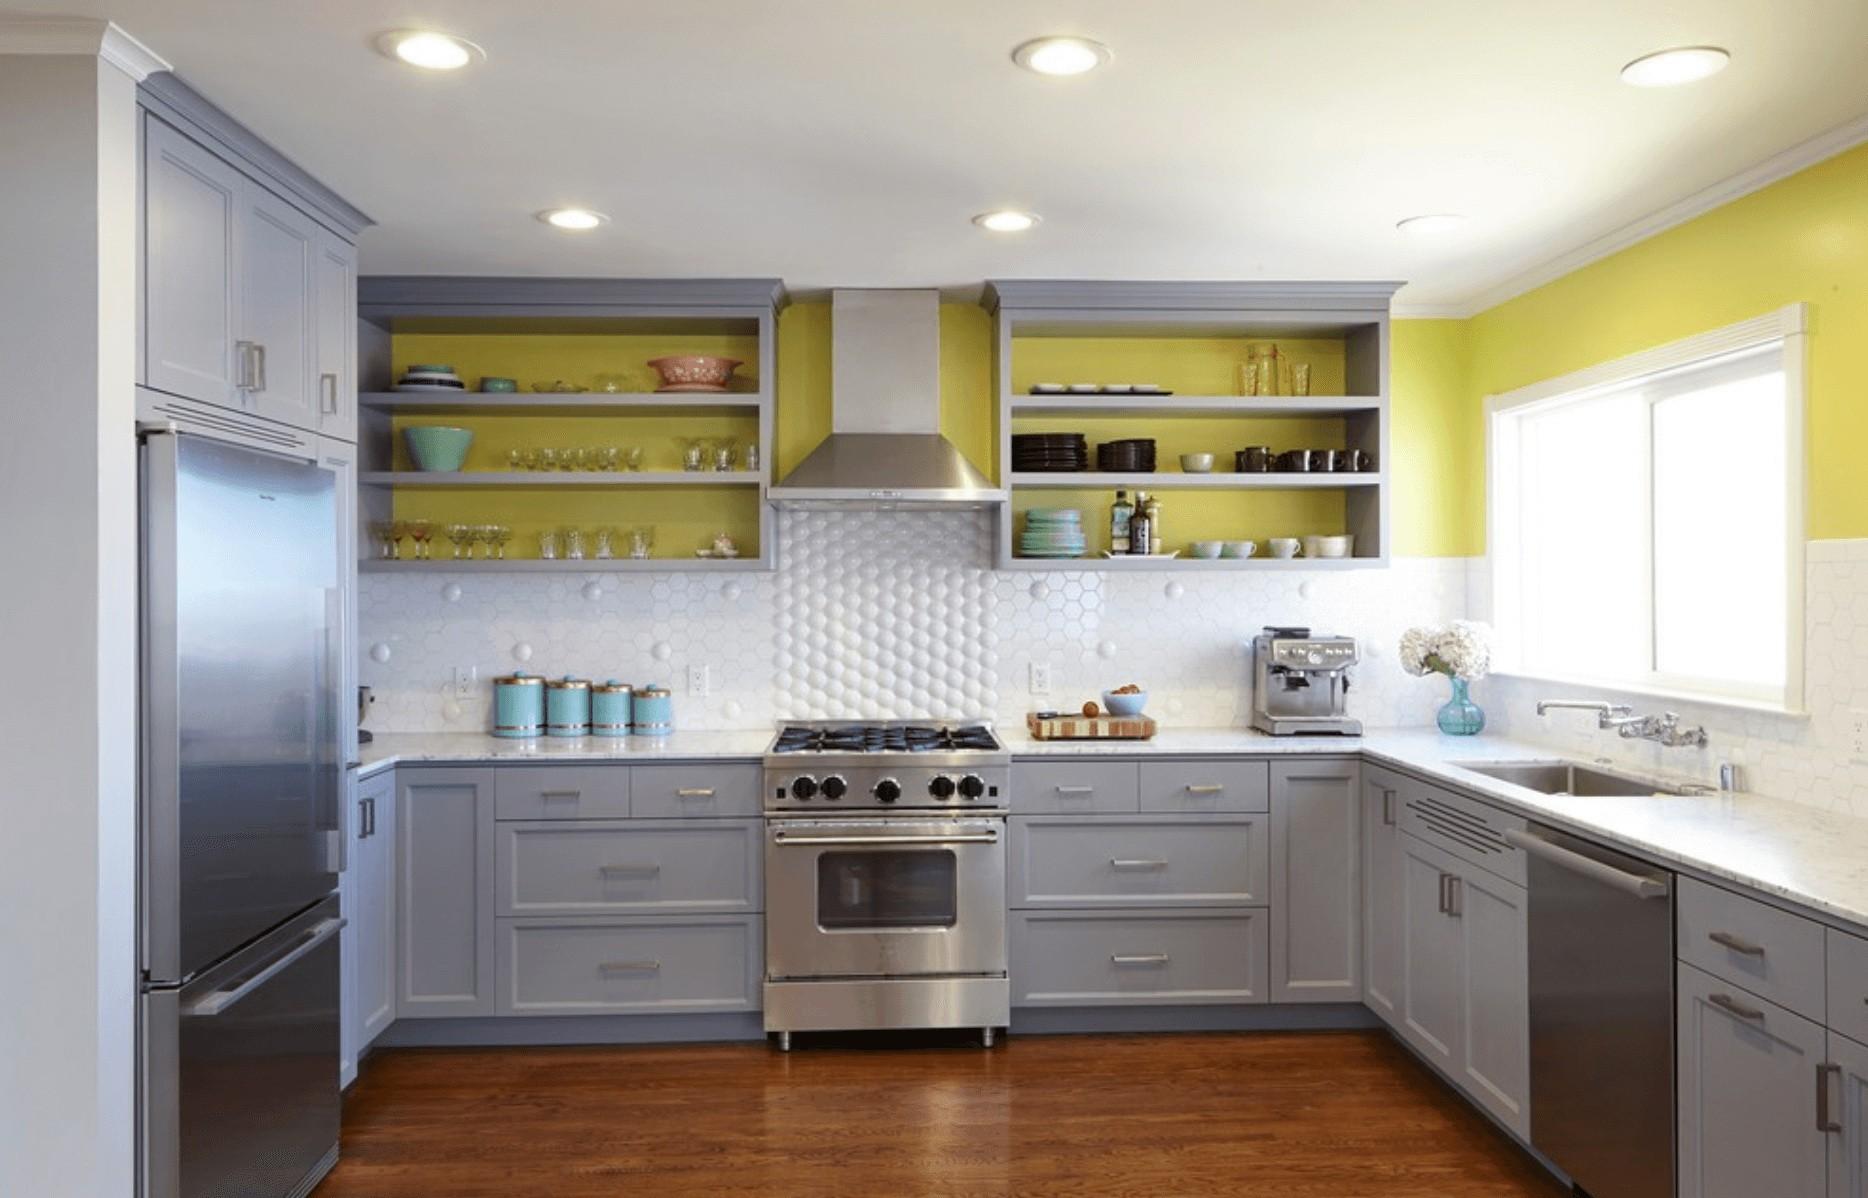 обратный, кухня с открытыми шкафами фото тут